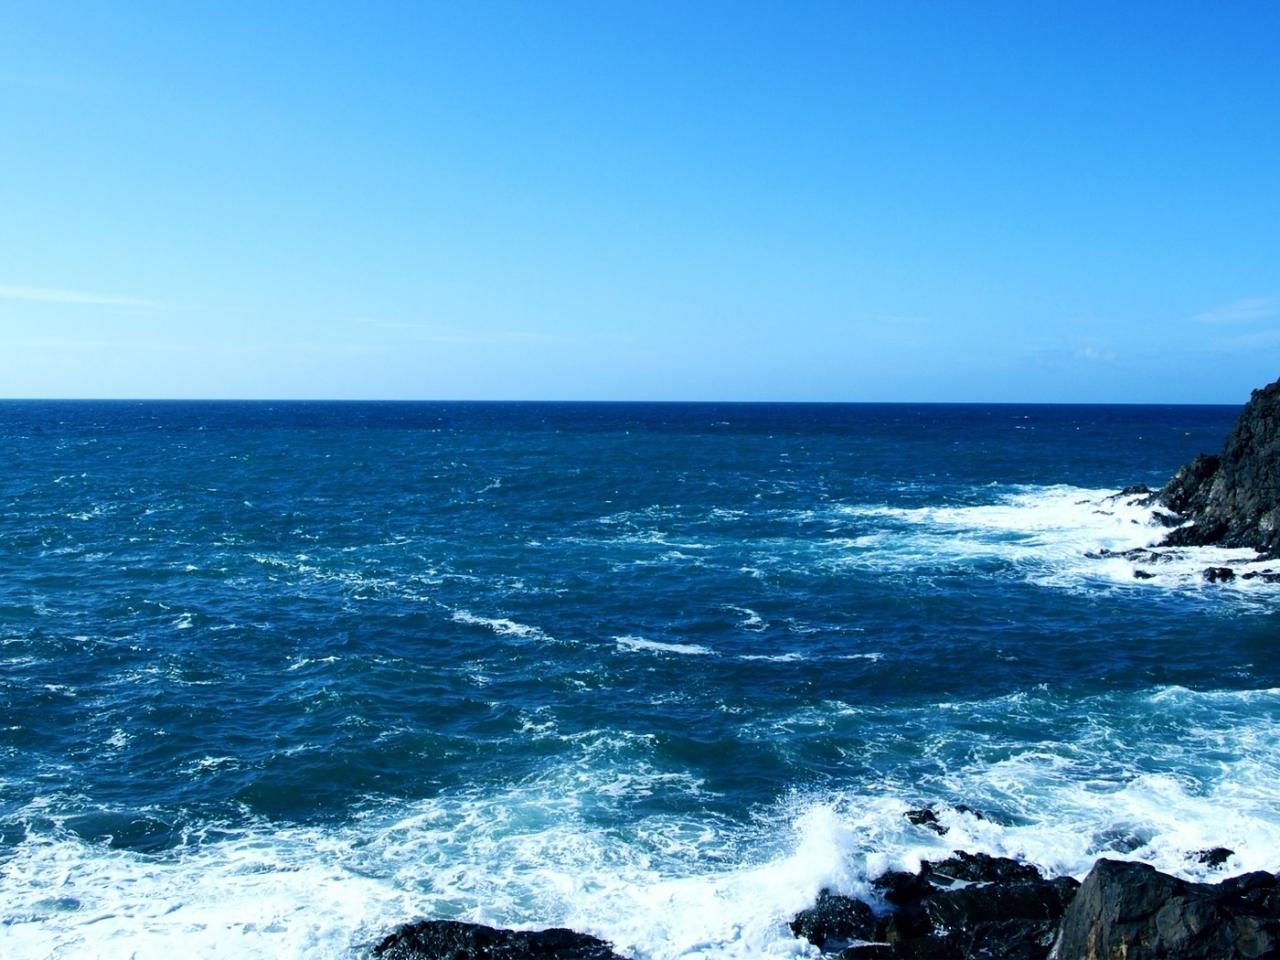 15739 скачать обои Пейзаж, Вода, Море - заставки и картинки бесплатно